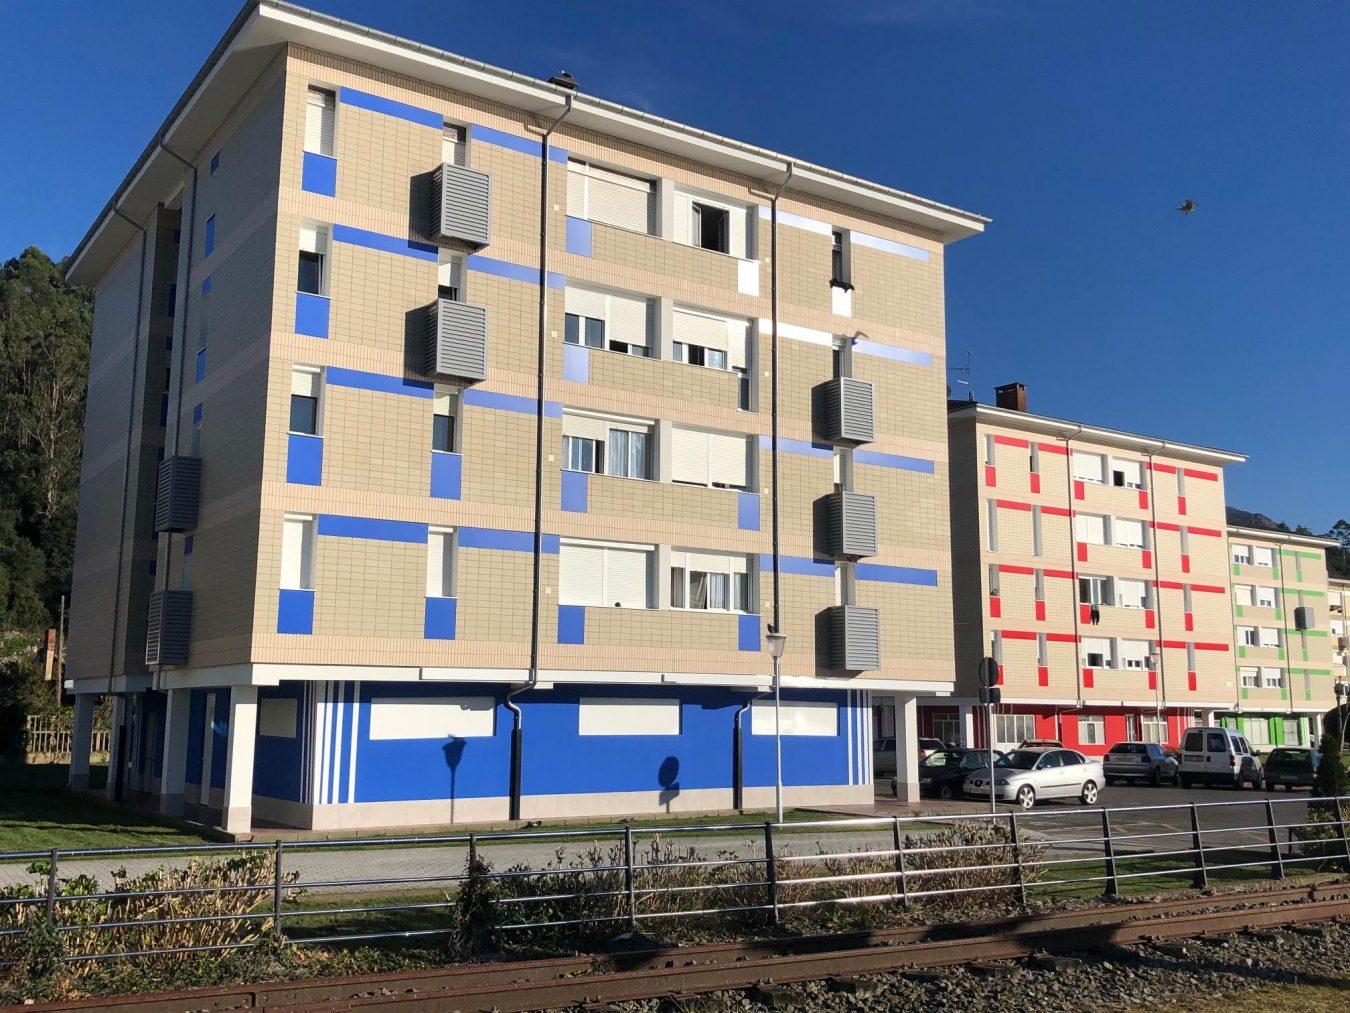 La cuarta fase del ARRU del Cobayu prevista para el año que viene solo rehabilitará un bloque de viviendas